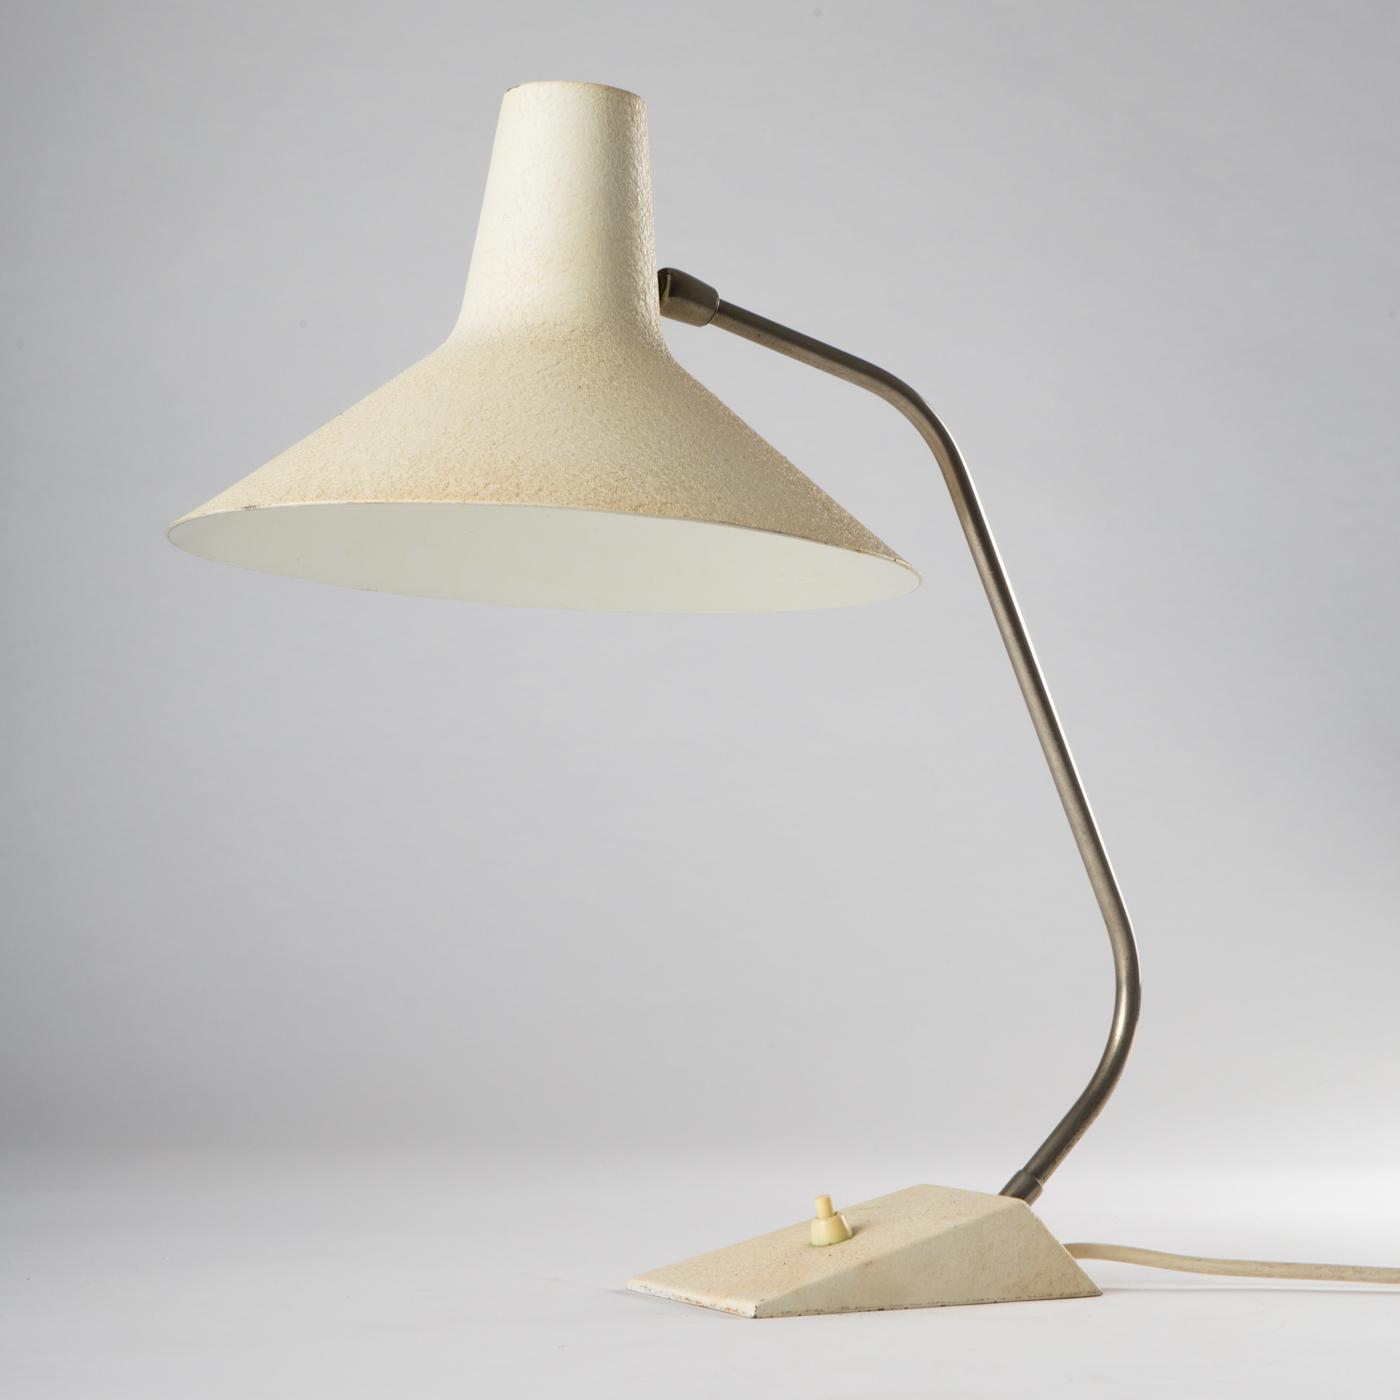 Hochwertig SIS, Lampe / Leuchte / Schreibtischlampe, Modell U0027Bankerslampu0027